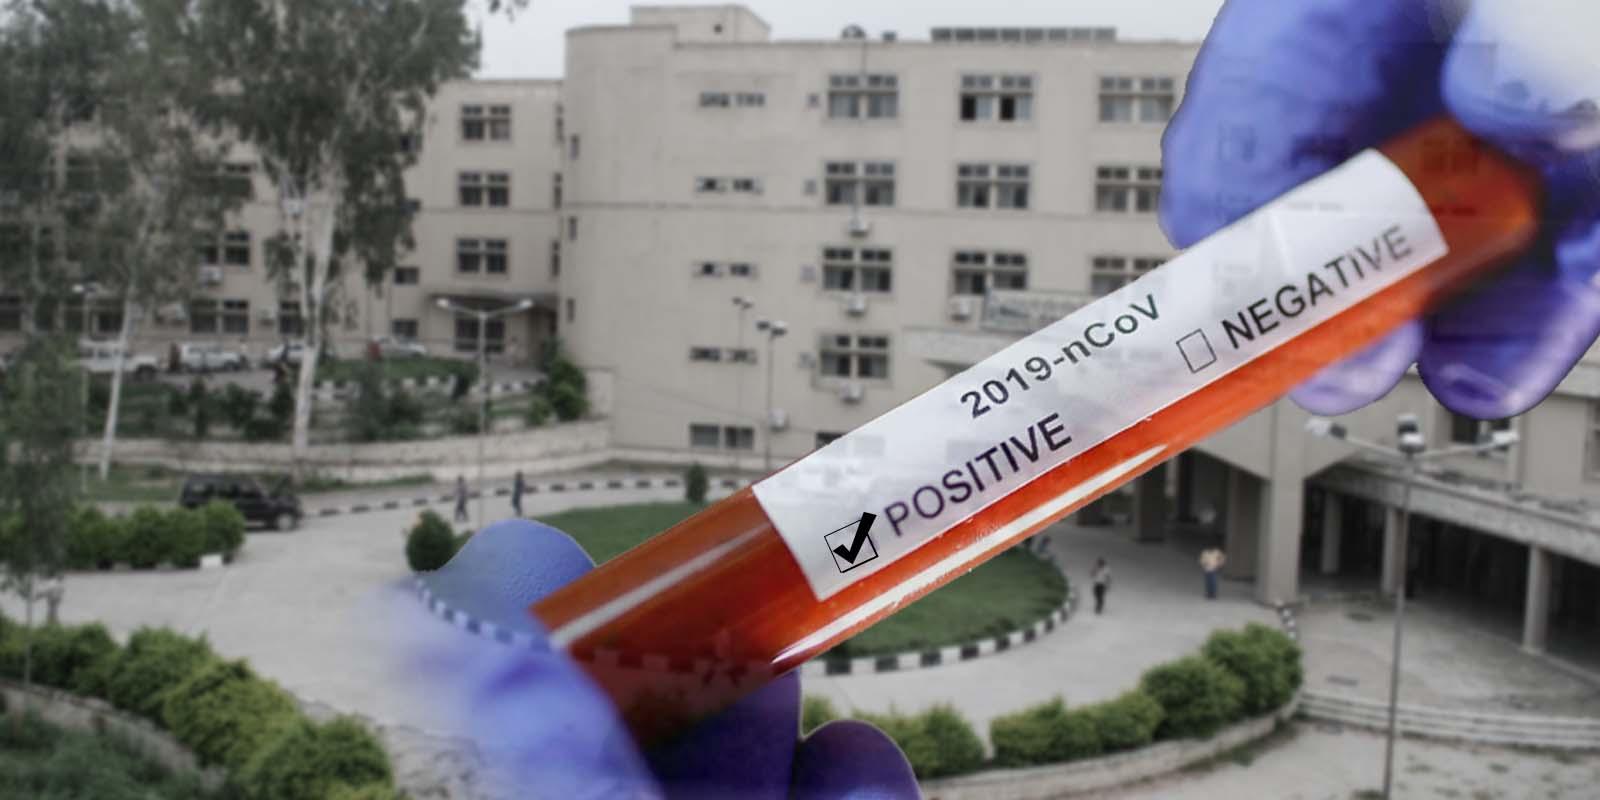 New Coronavirus cases in himachal pradesh